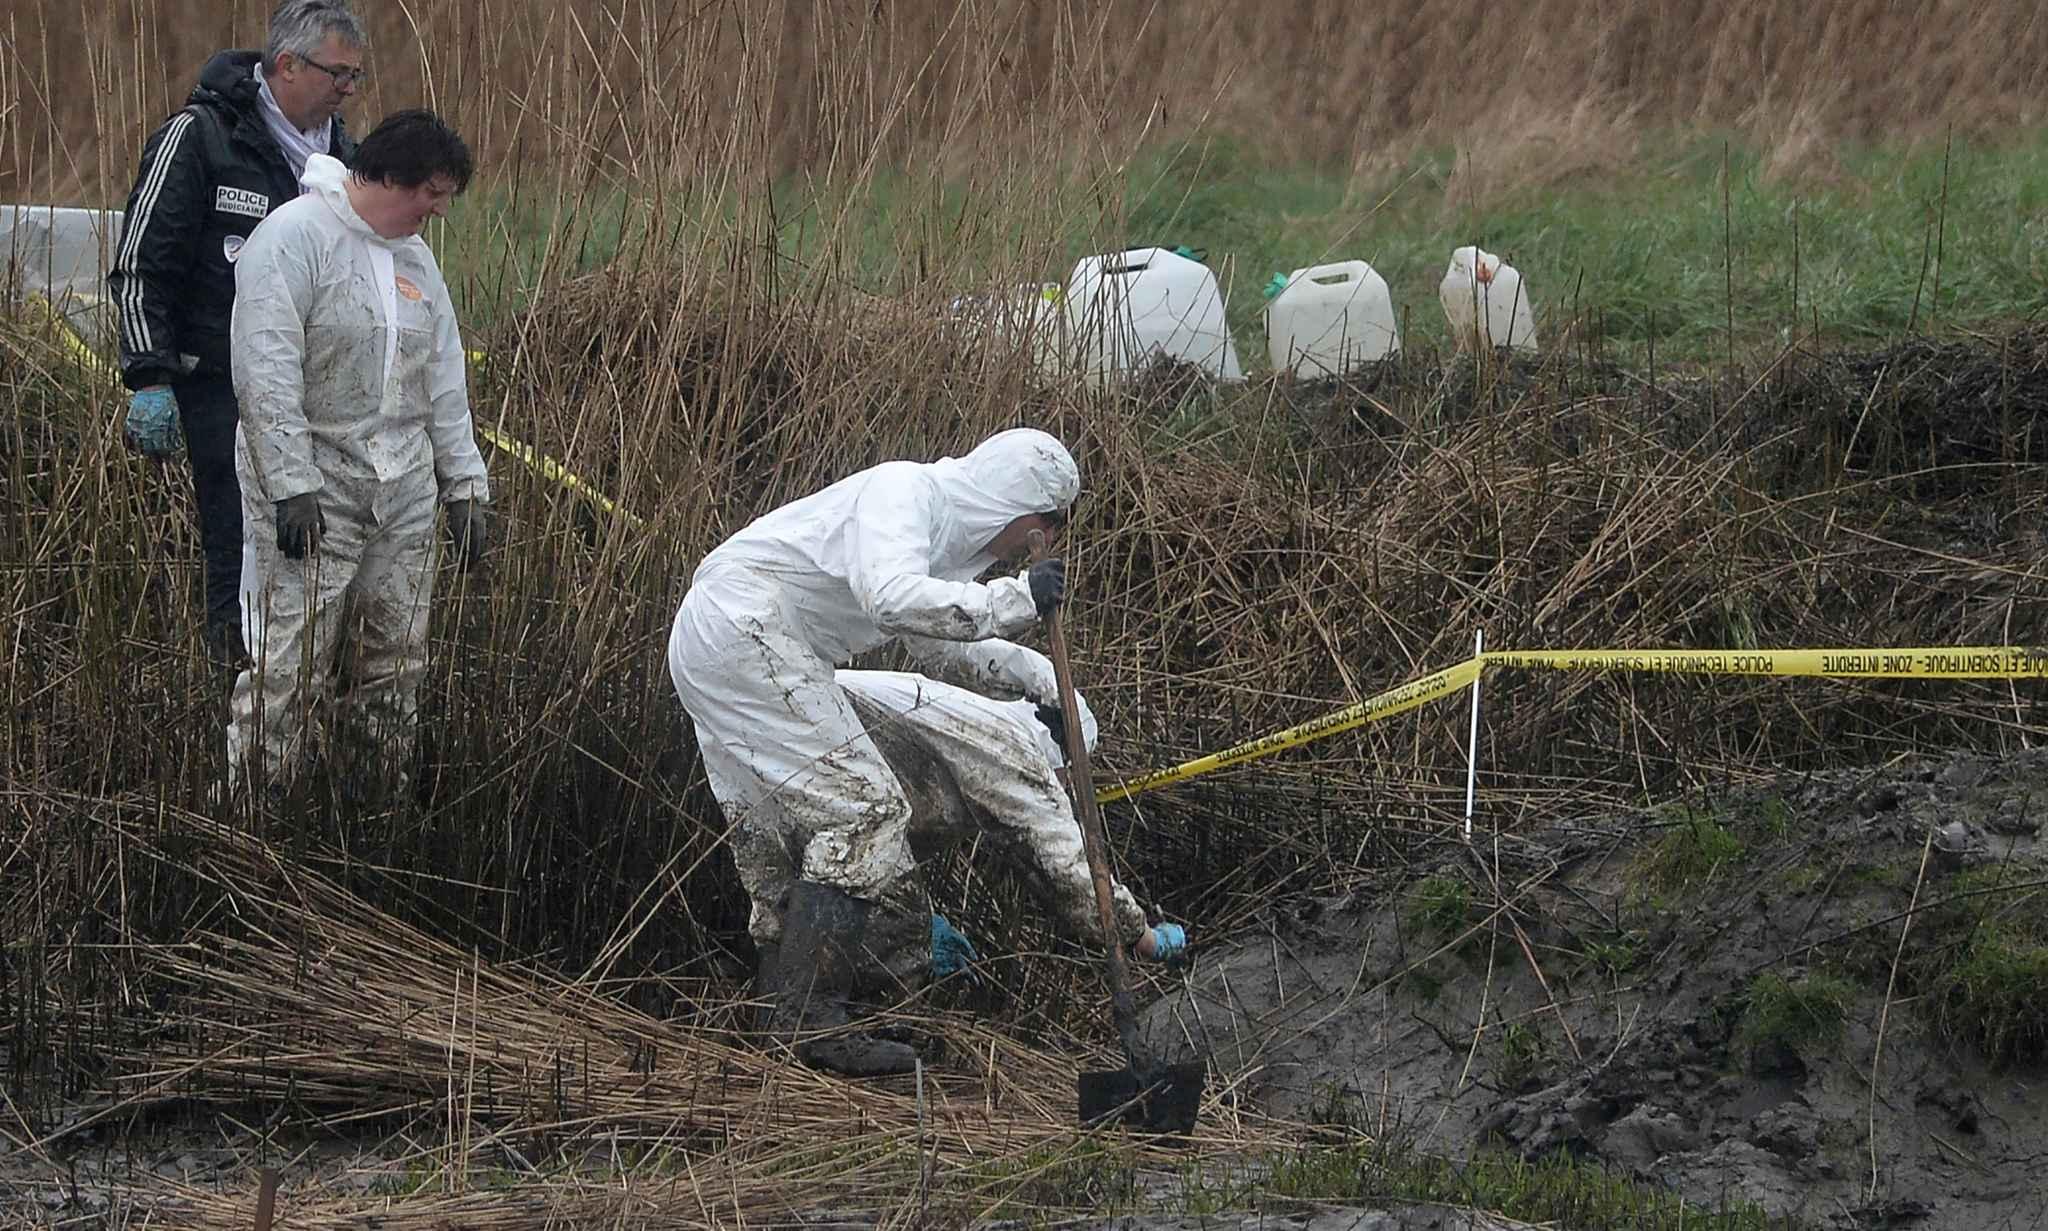 Affaire Troadec - Les ADN retrouvés sur les restes humains